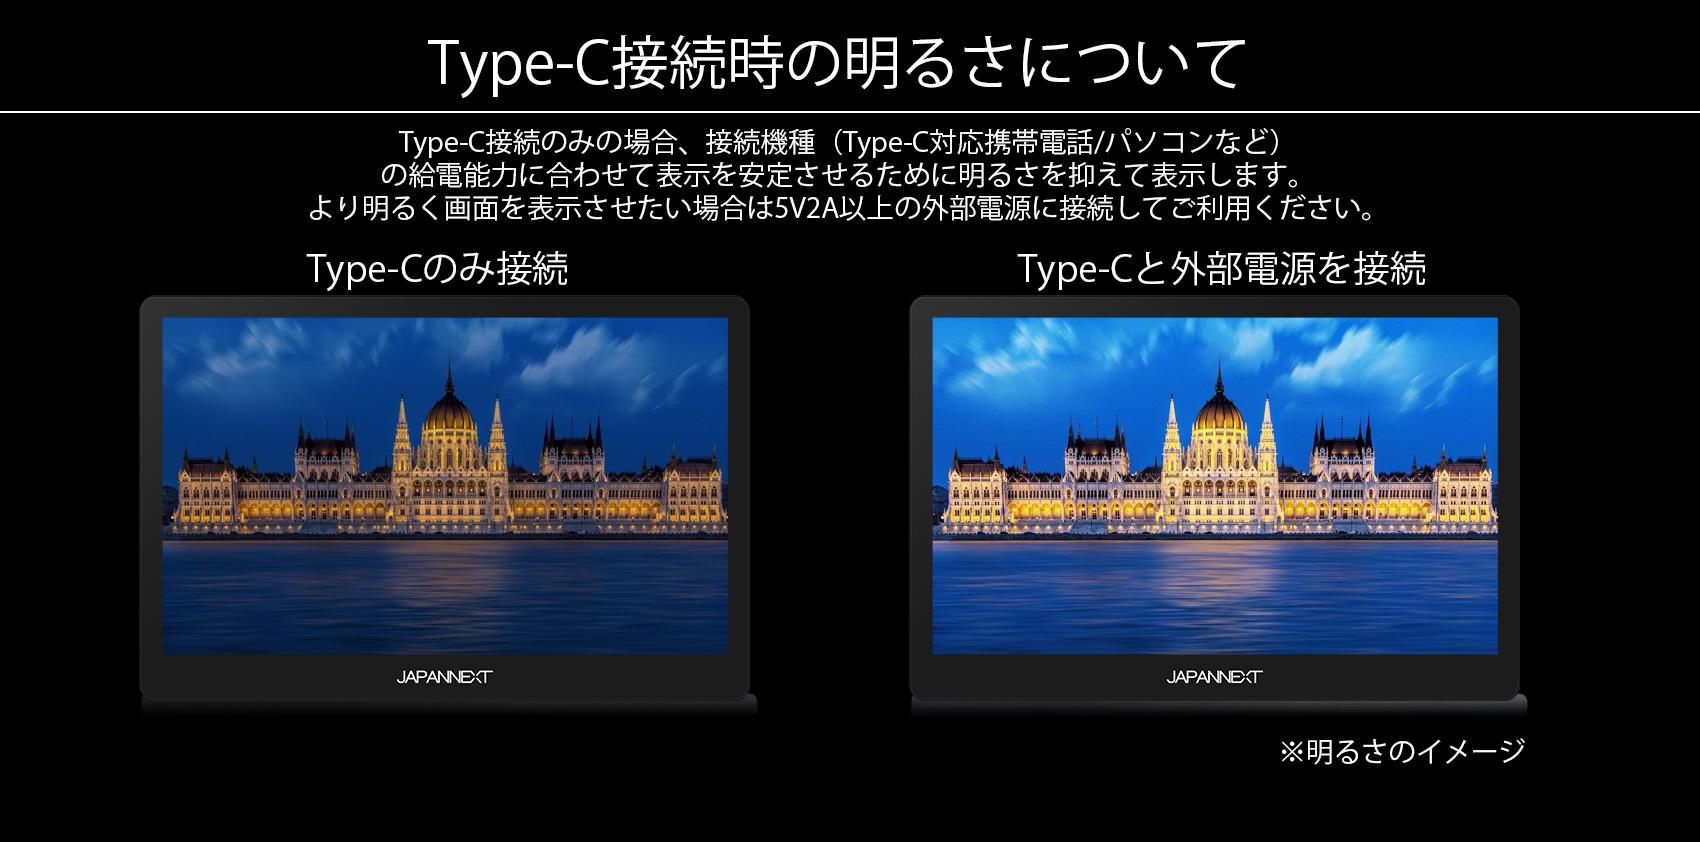 Type-C接続のみの場合、接続機種(Type-C対応携帯電話/パソコンなど)、 の給電能力に合わせて表示を安定させるために明るさを抑えて表示します。 より明るく画面を表示させたい場合は5V2A以上の外部電源に接続してご利用ください。 Type-Cのみ接続 Type-Cと外部電源を接続